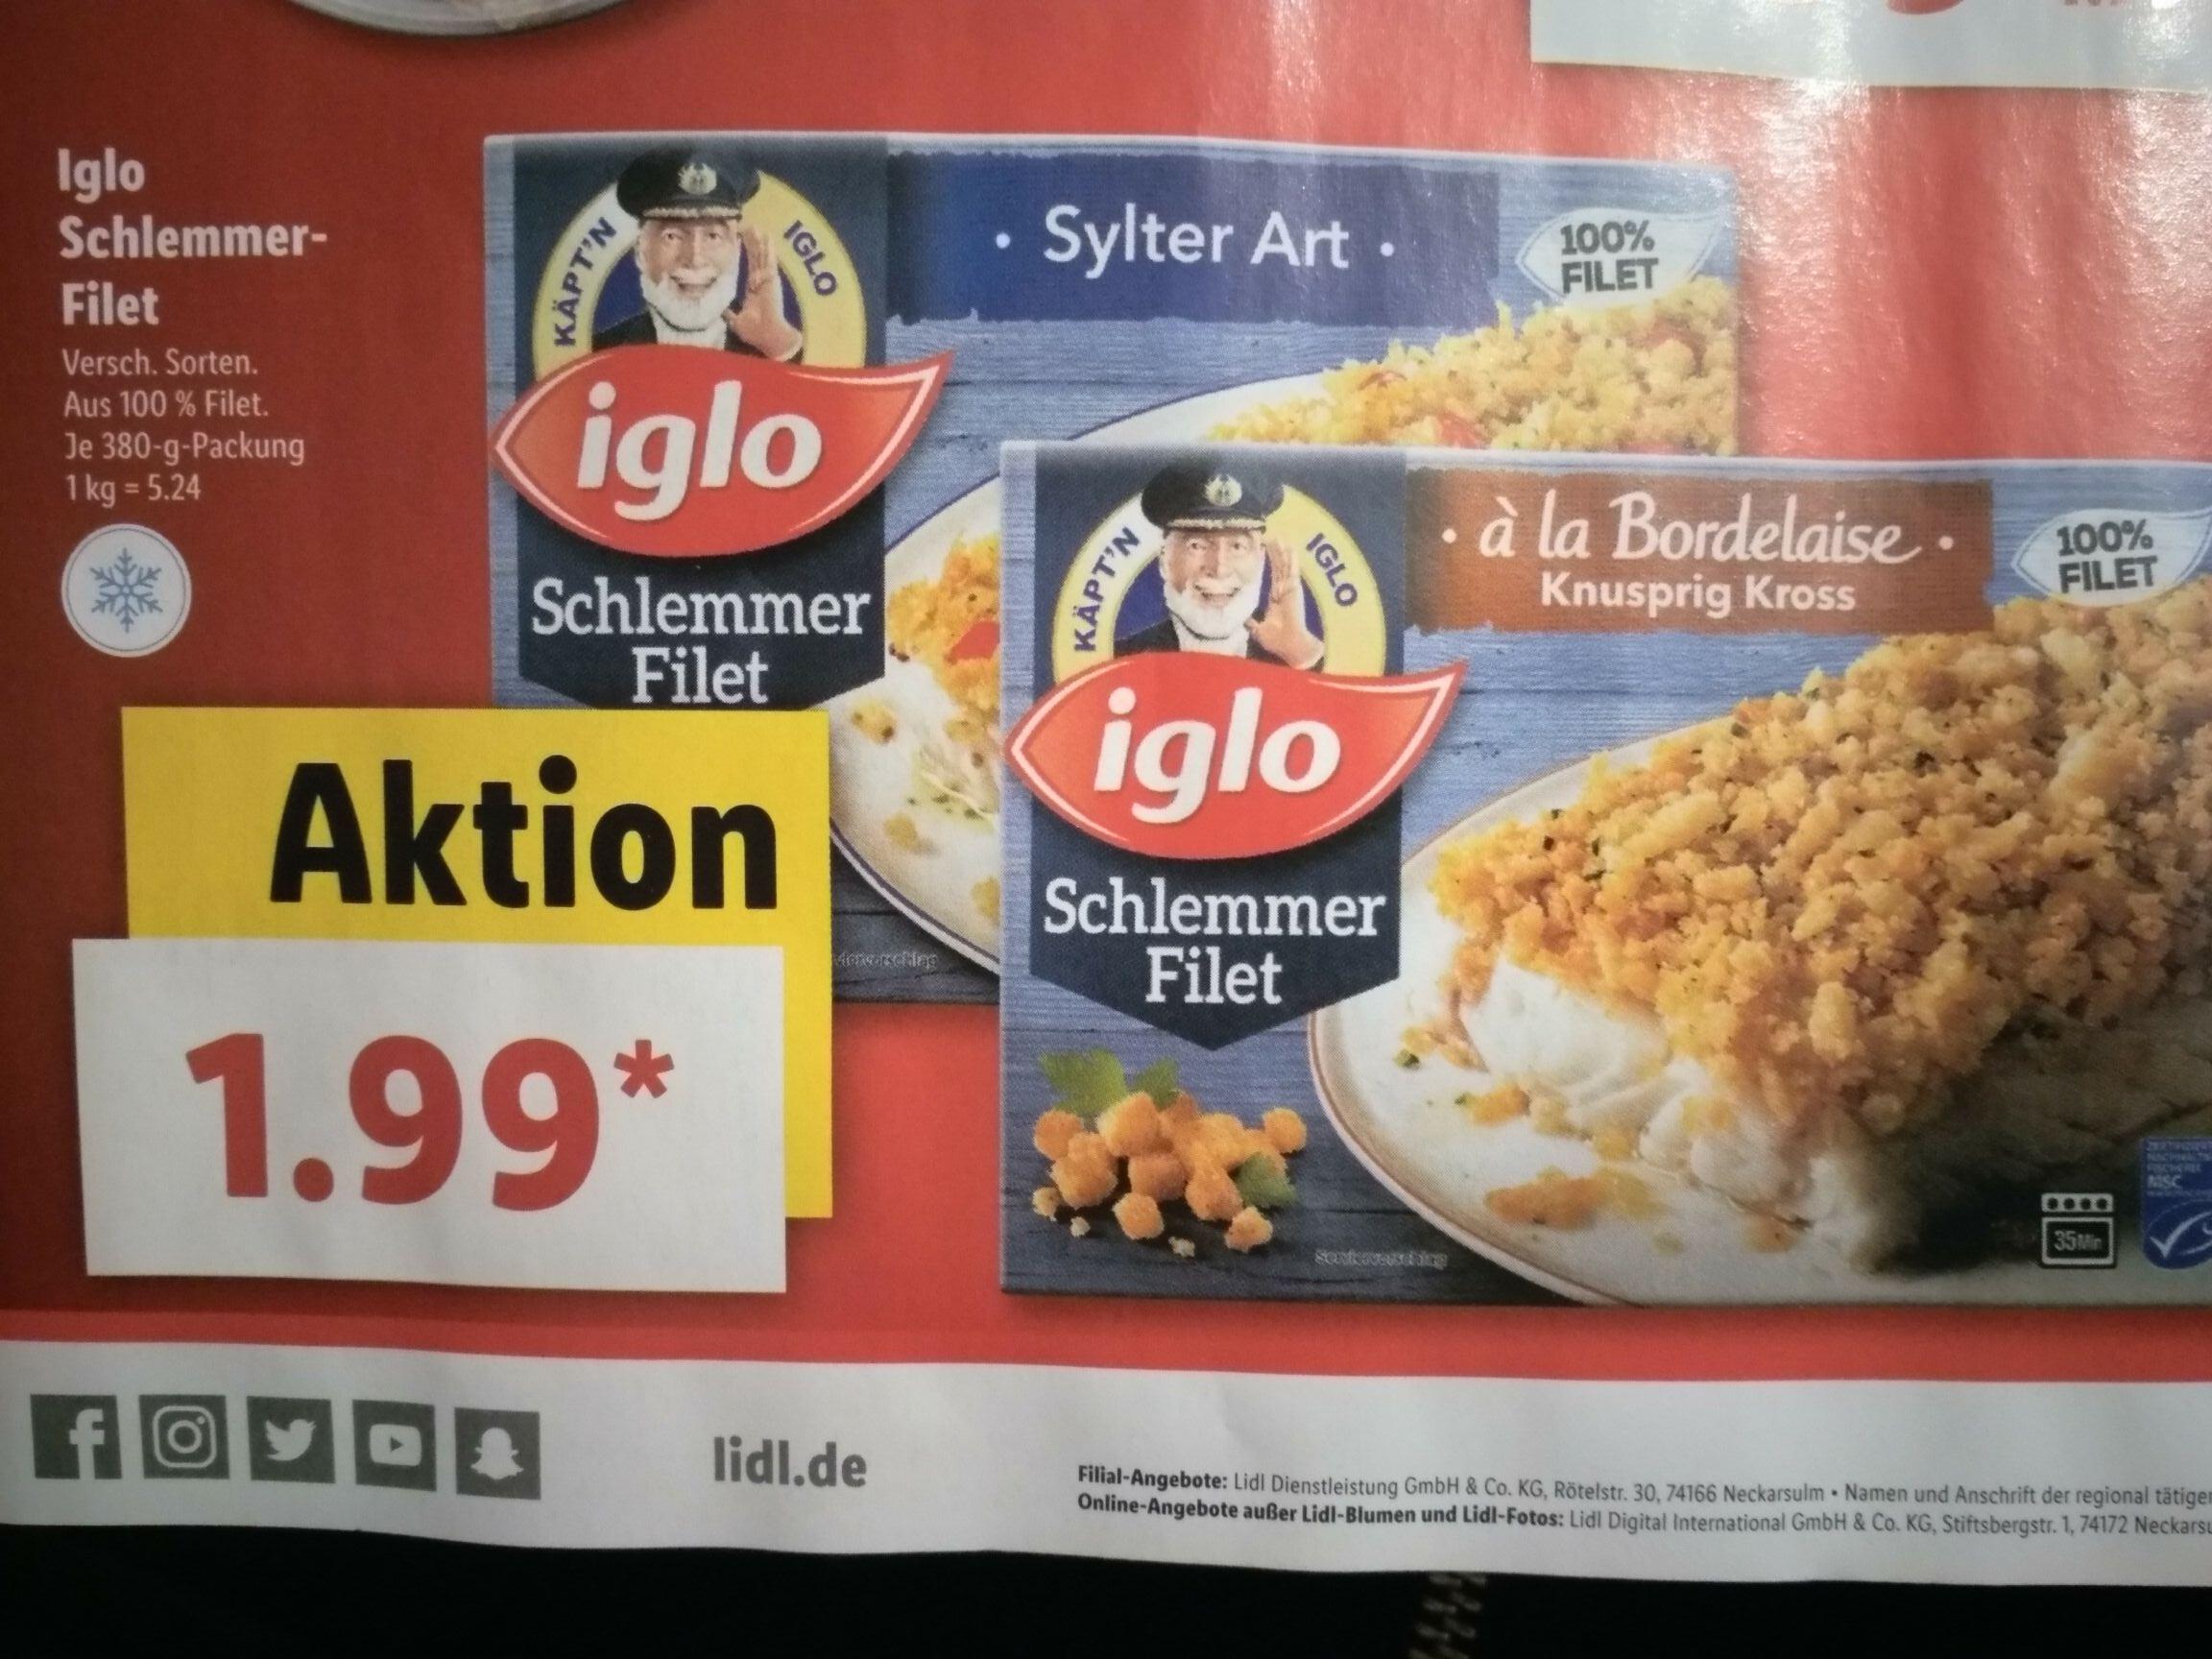 Iglo Schlemmer Filet (Lidl)